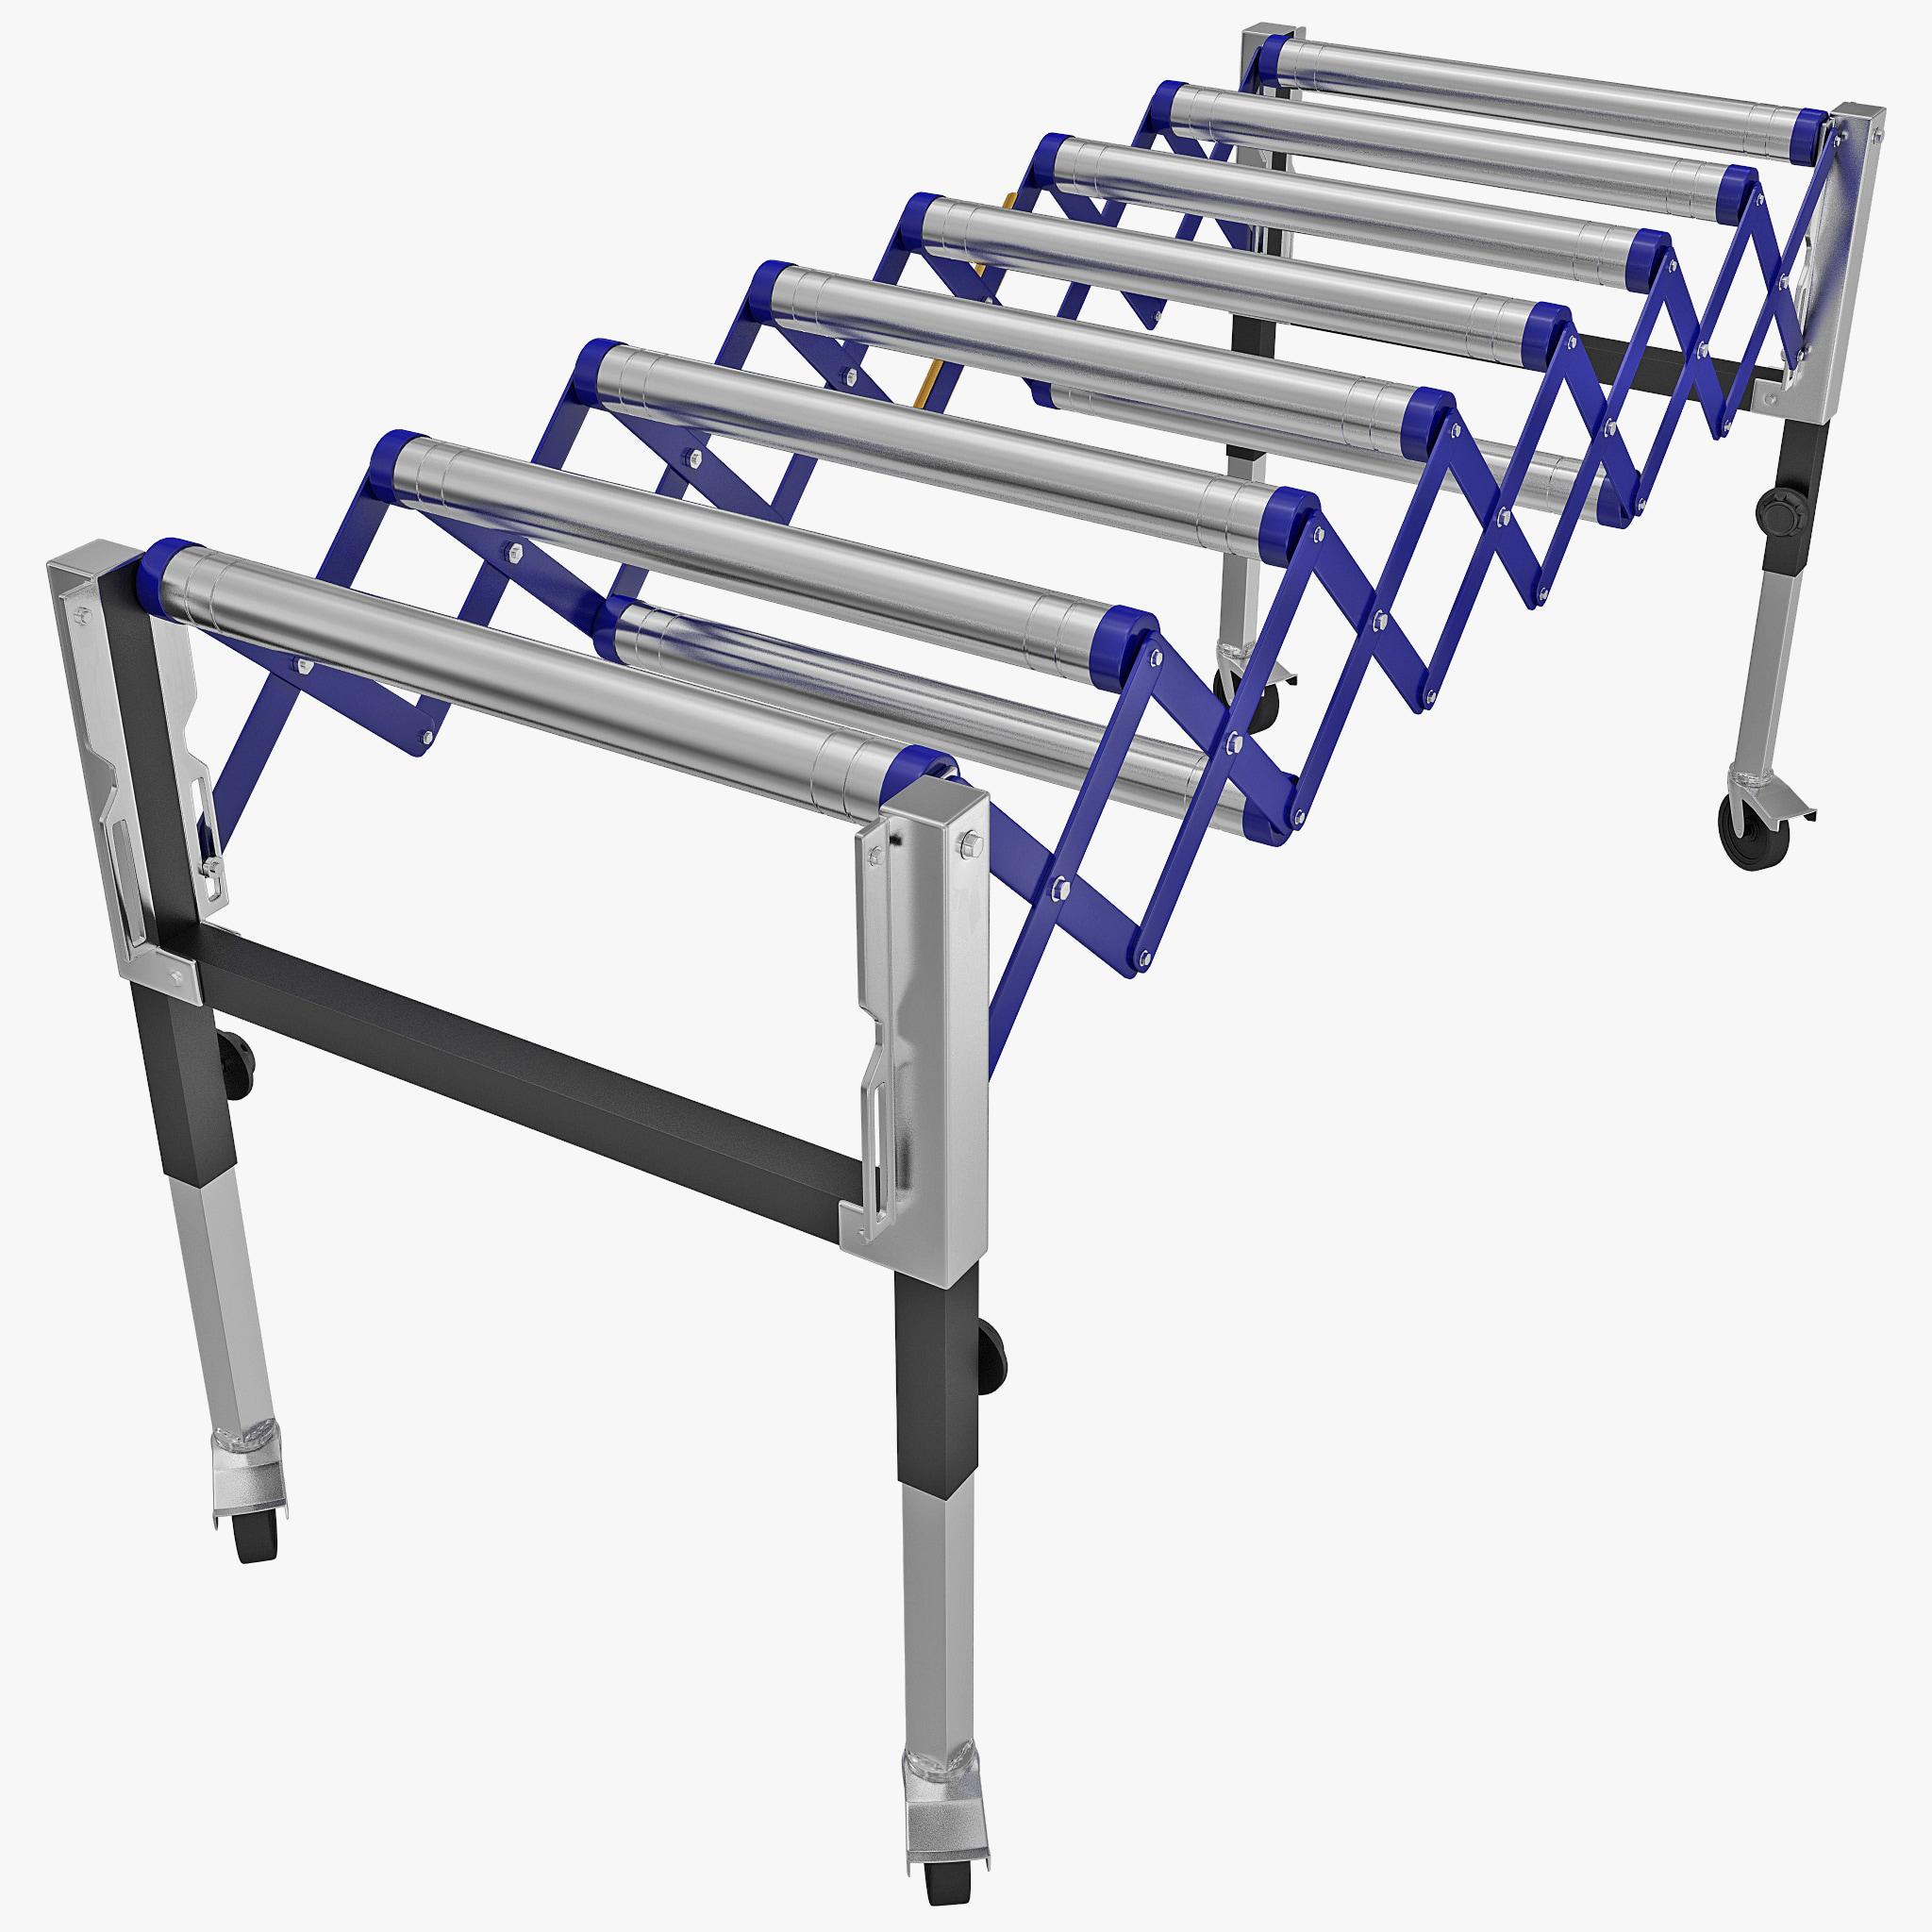 3d expandable conveyor model